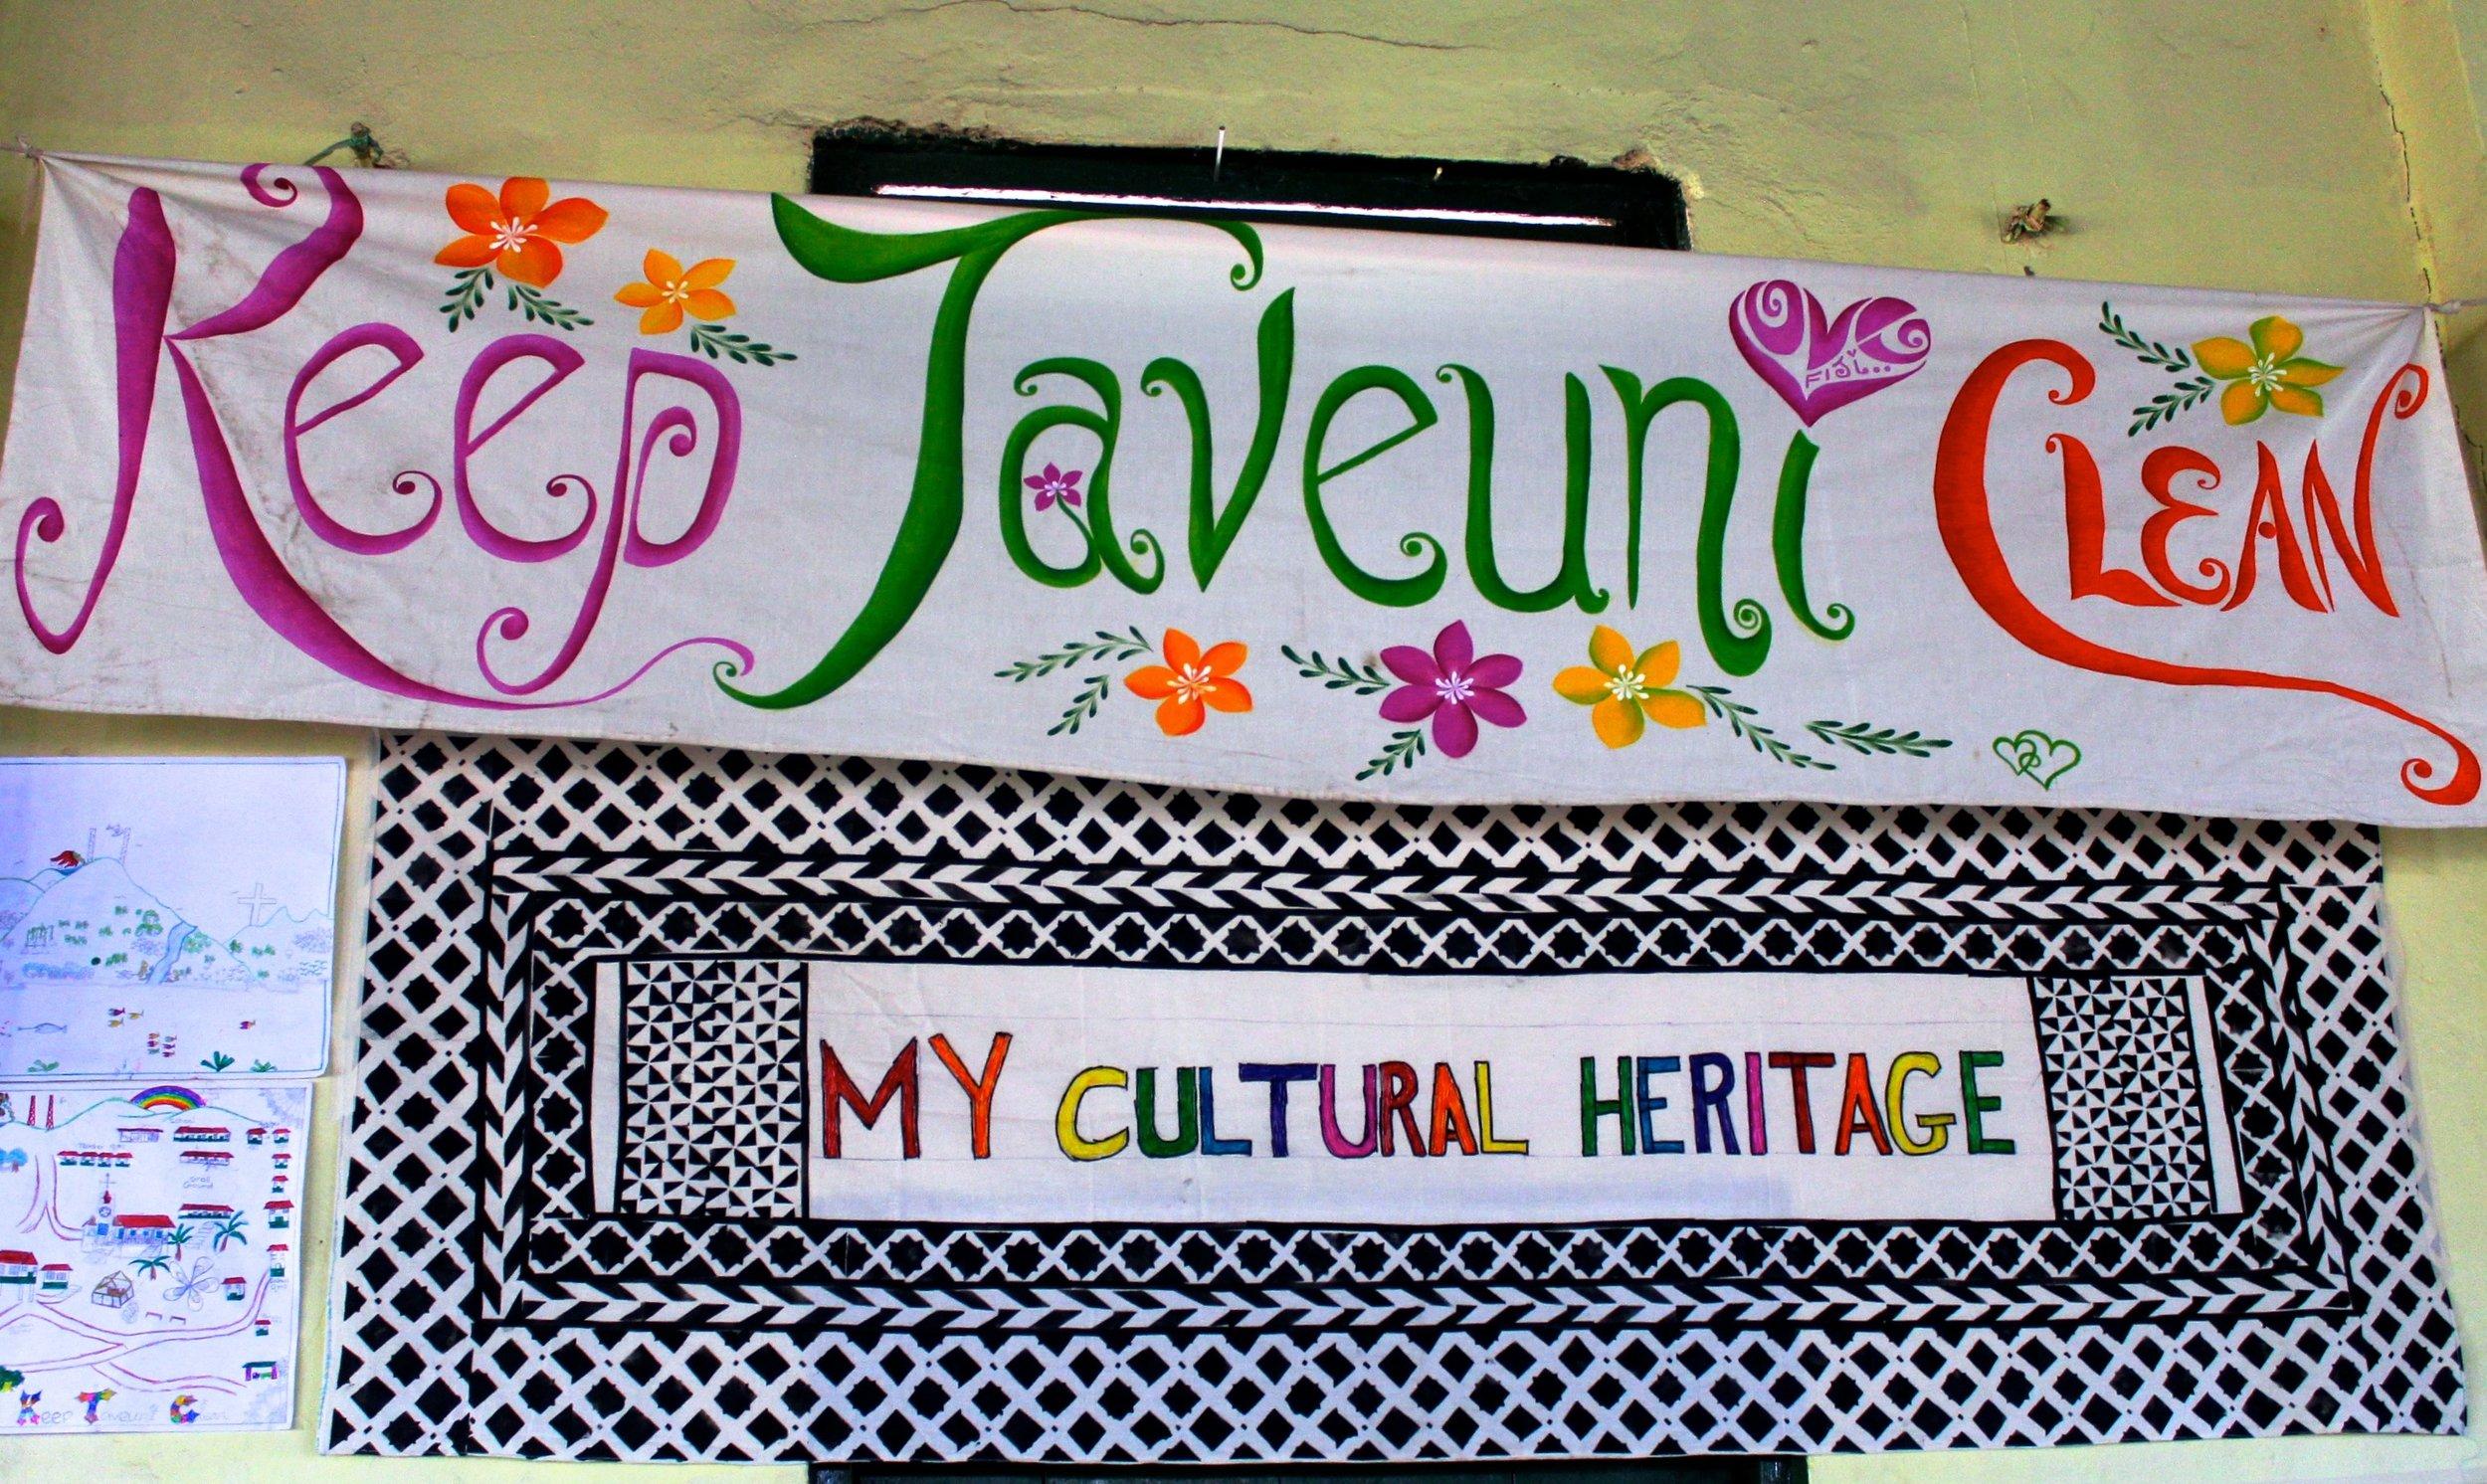 Keep Taveuni Clean banner